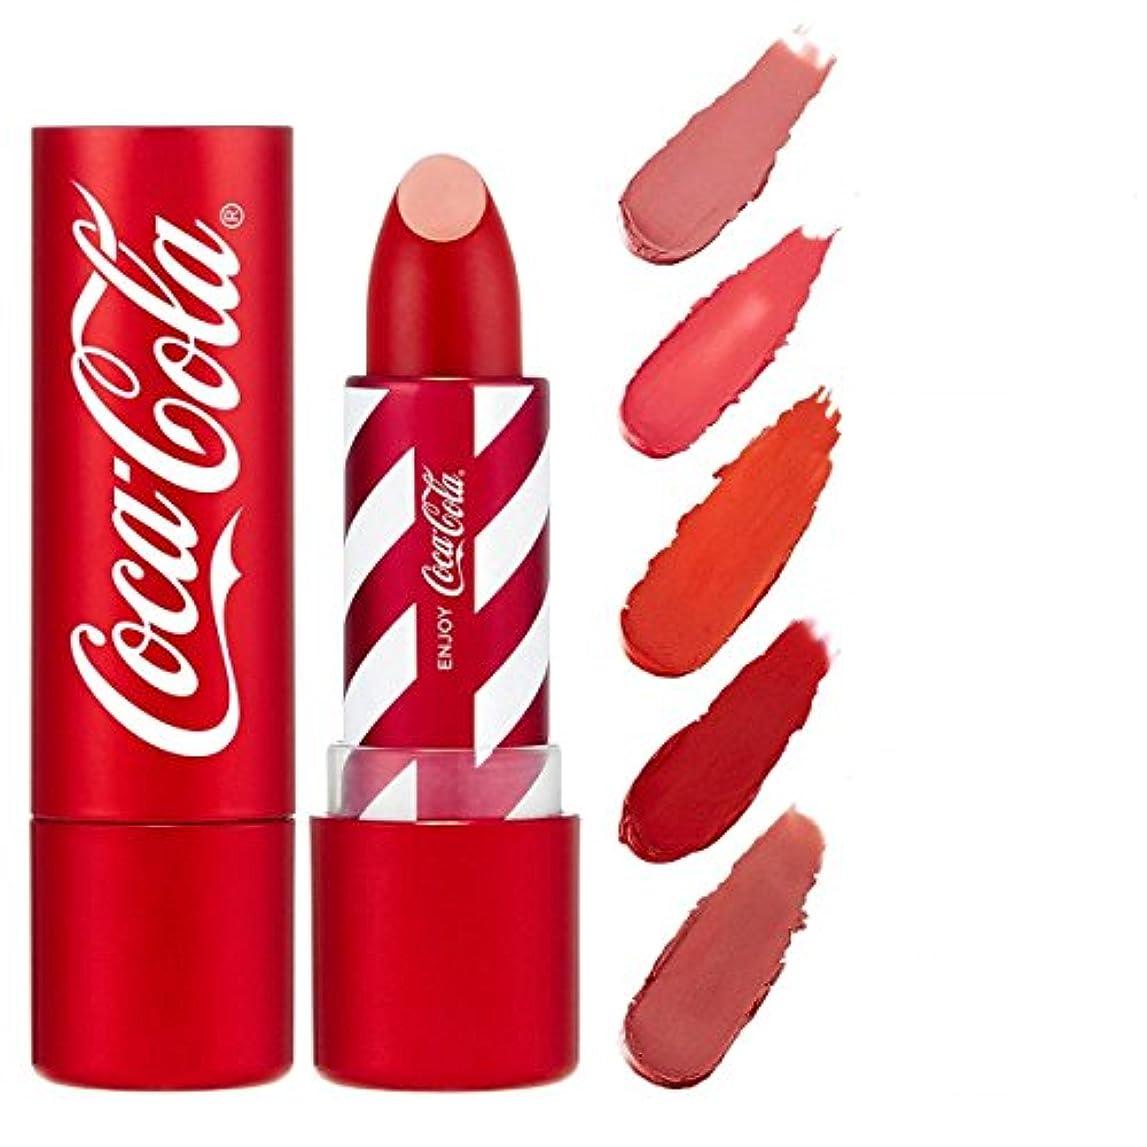 ブースト保持けん引コカ?コーラ×THE FACE SHOP リップスティック ~ コカ?コーラ公式グッズ 04 COKE RED